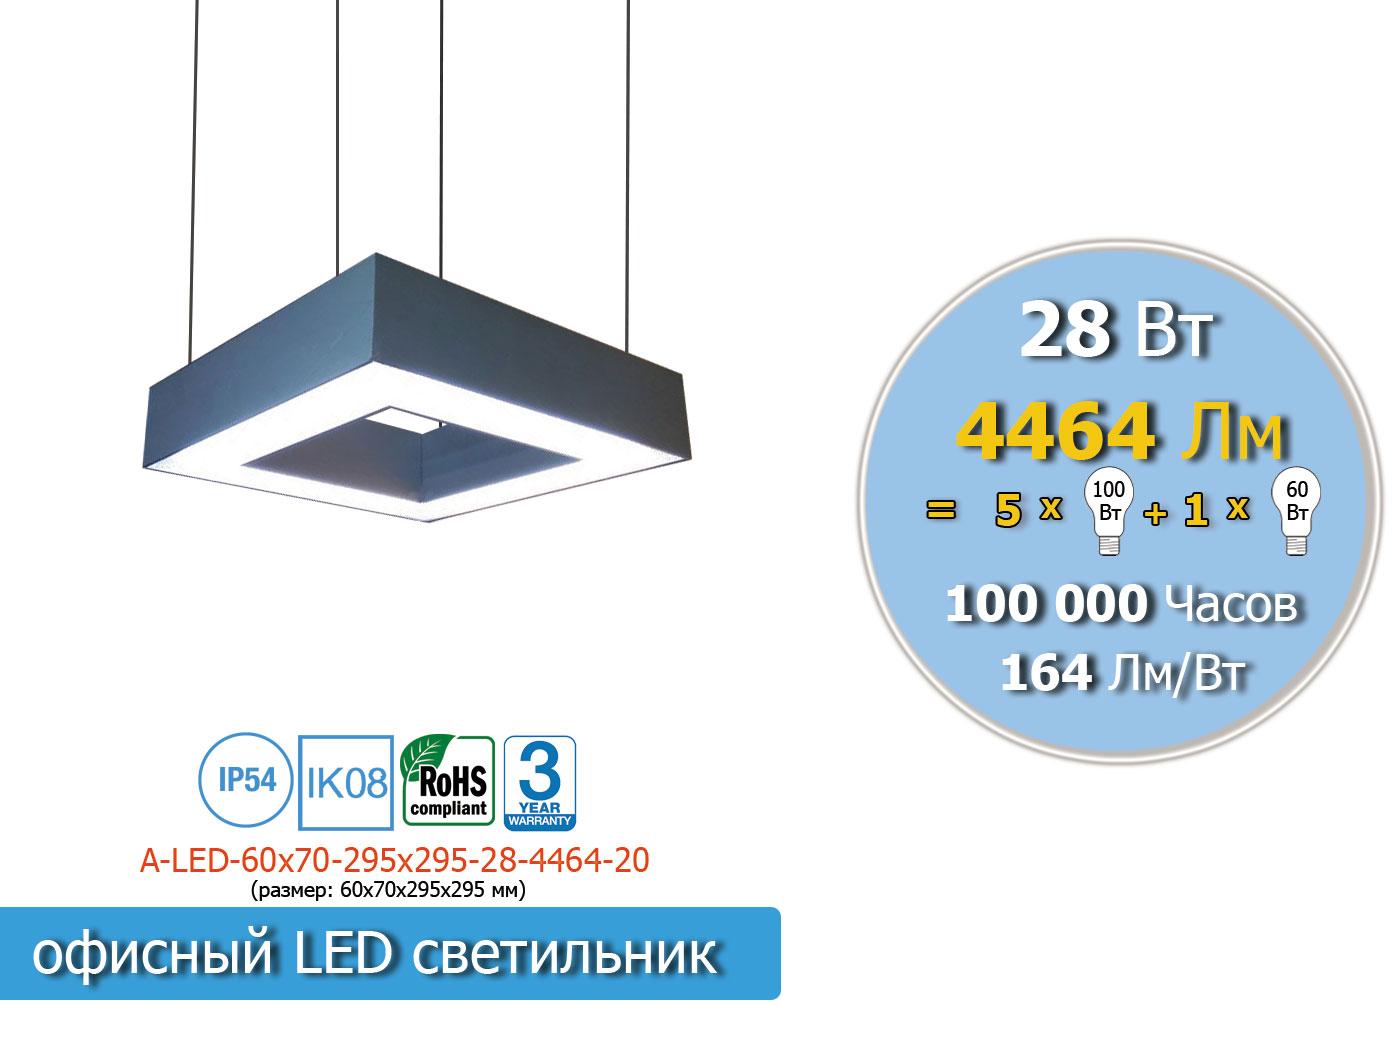 A-LED-60x70-295x295-28-4464-20